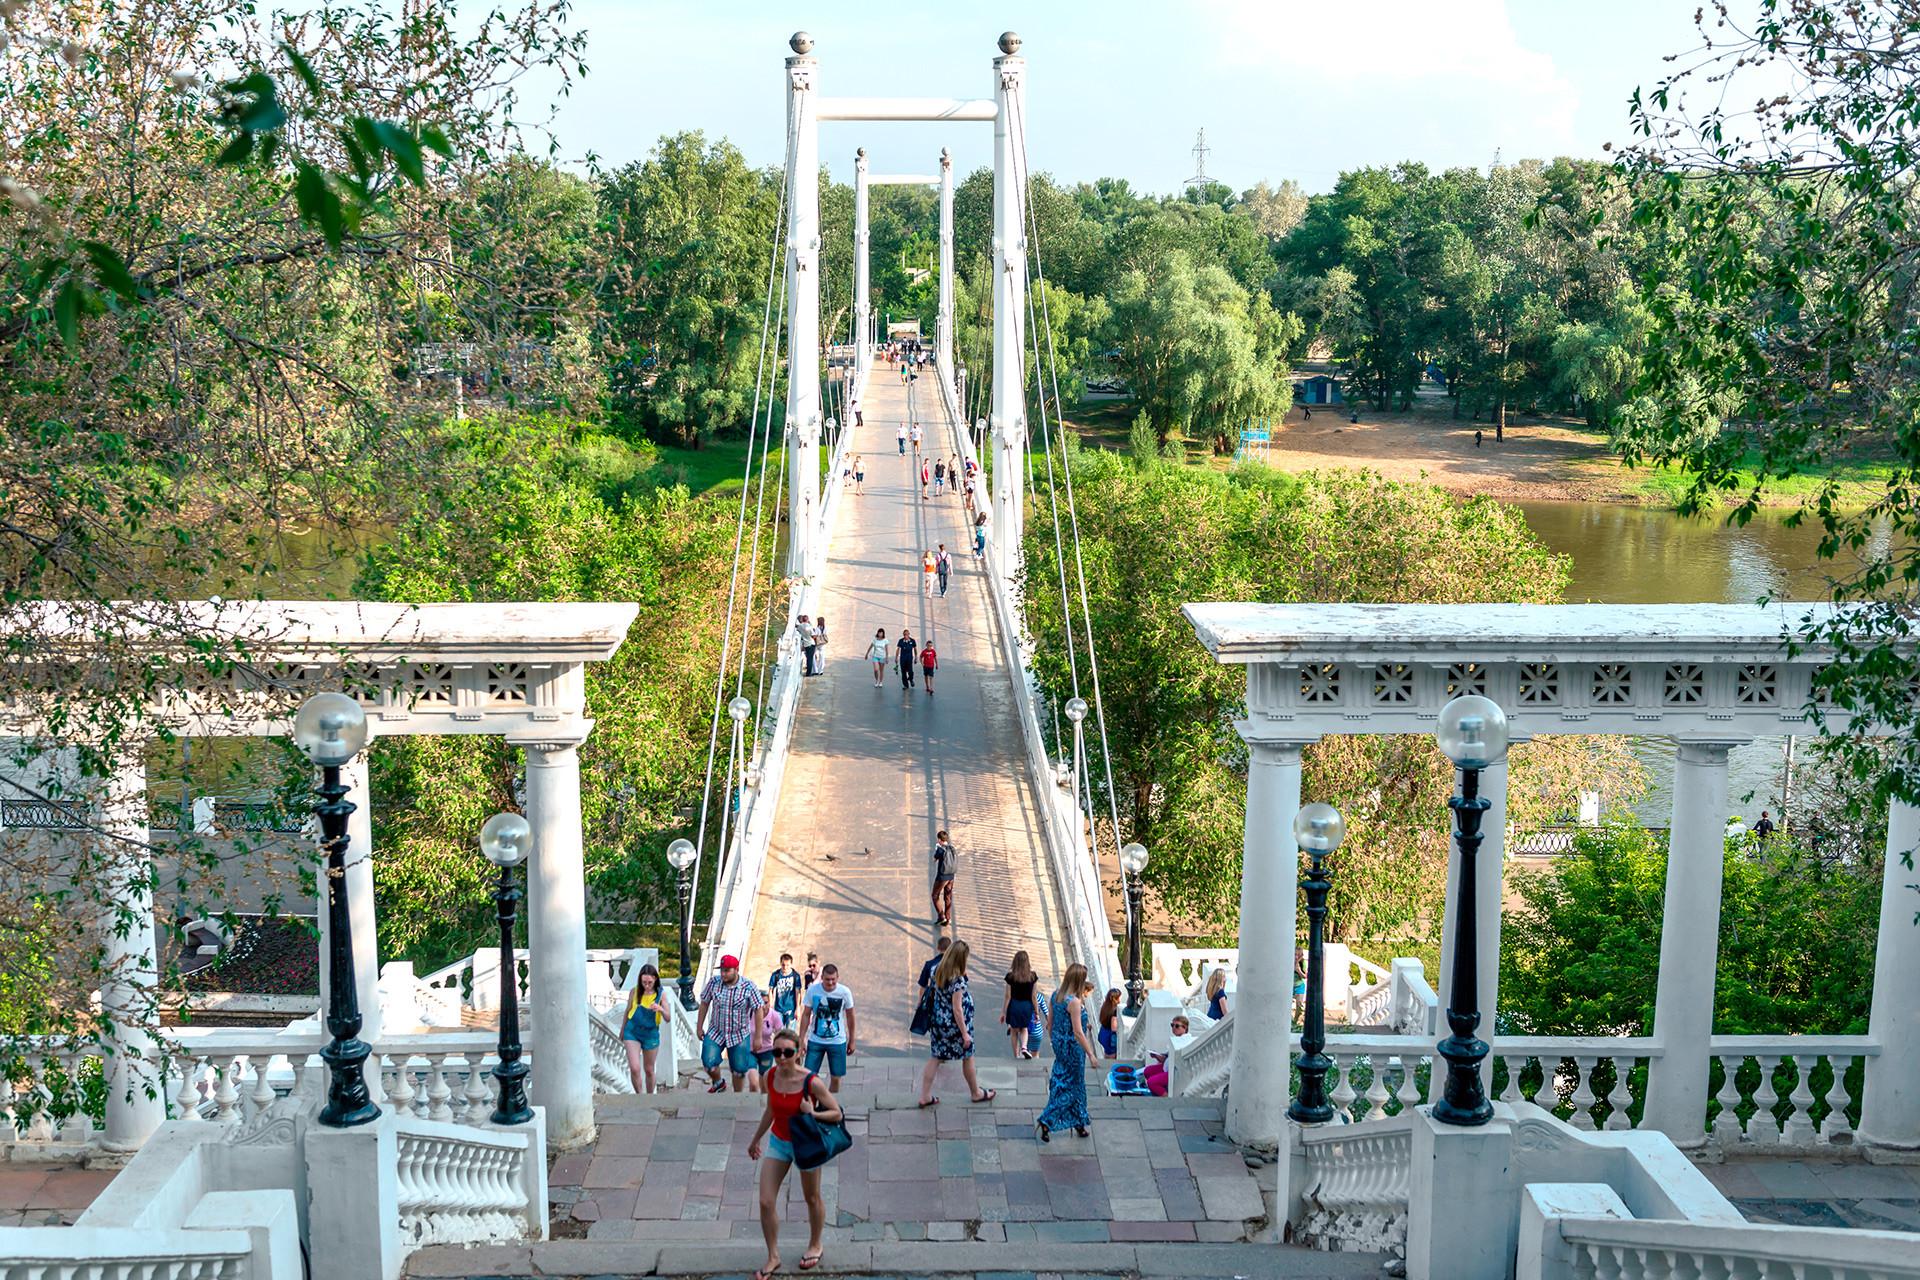 Fußgängerbrücke über den Fluss Ural, Orenburg